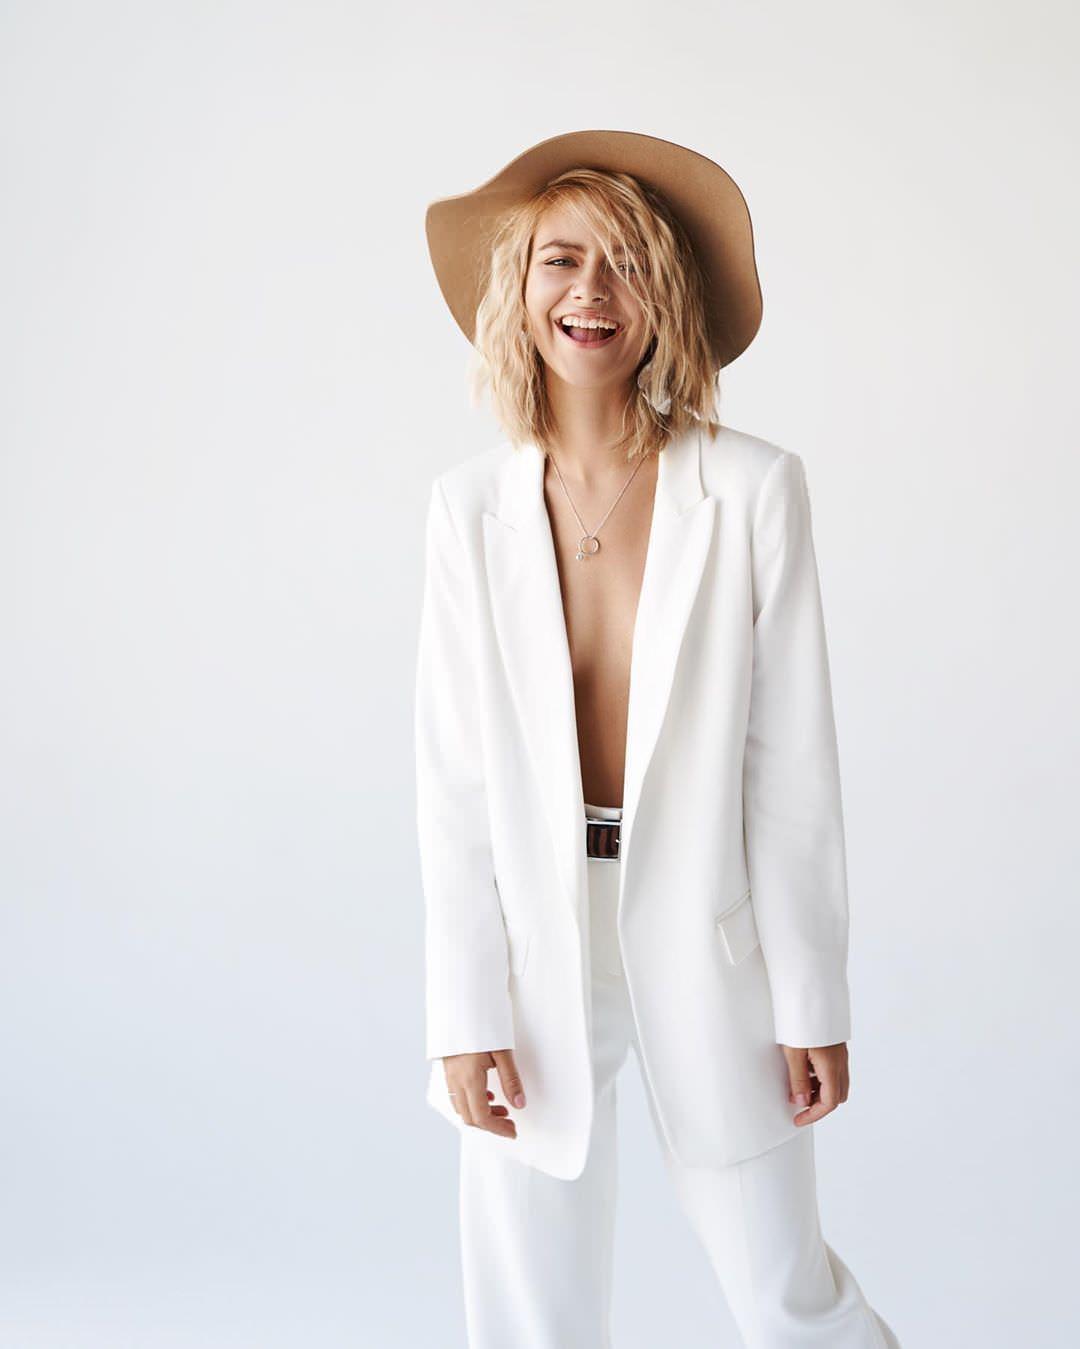 Елизавета Кононова фото в костюме